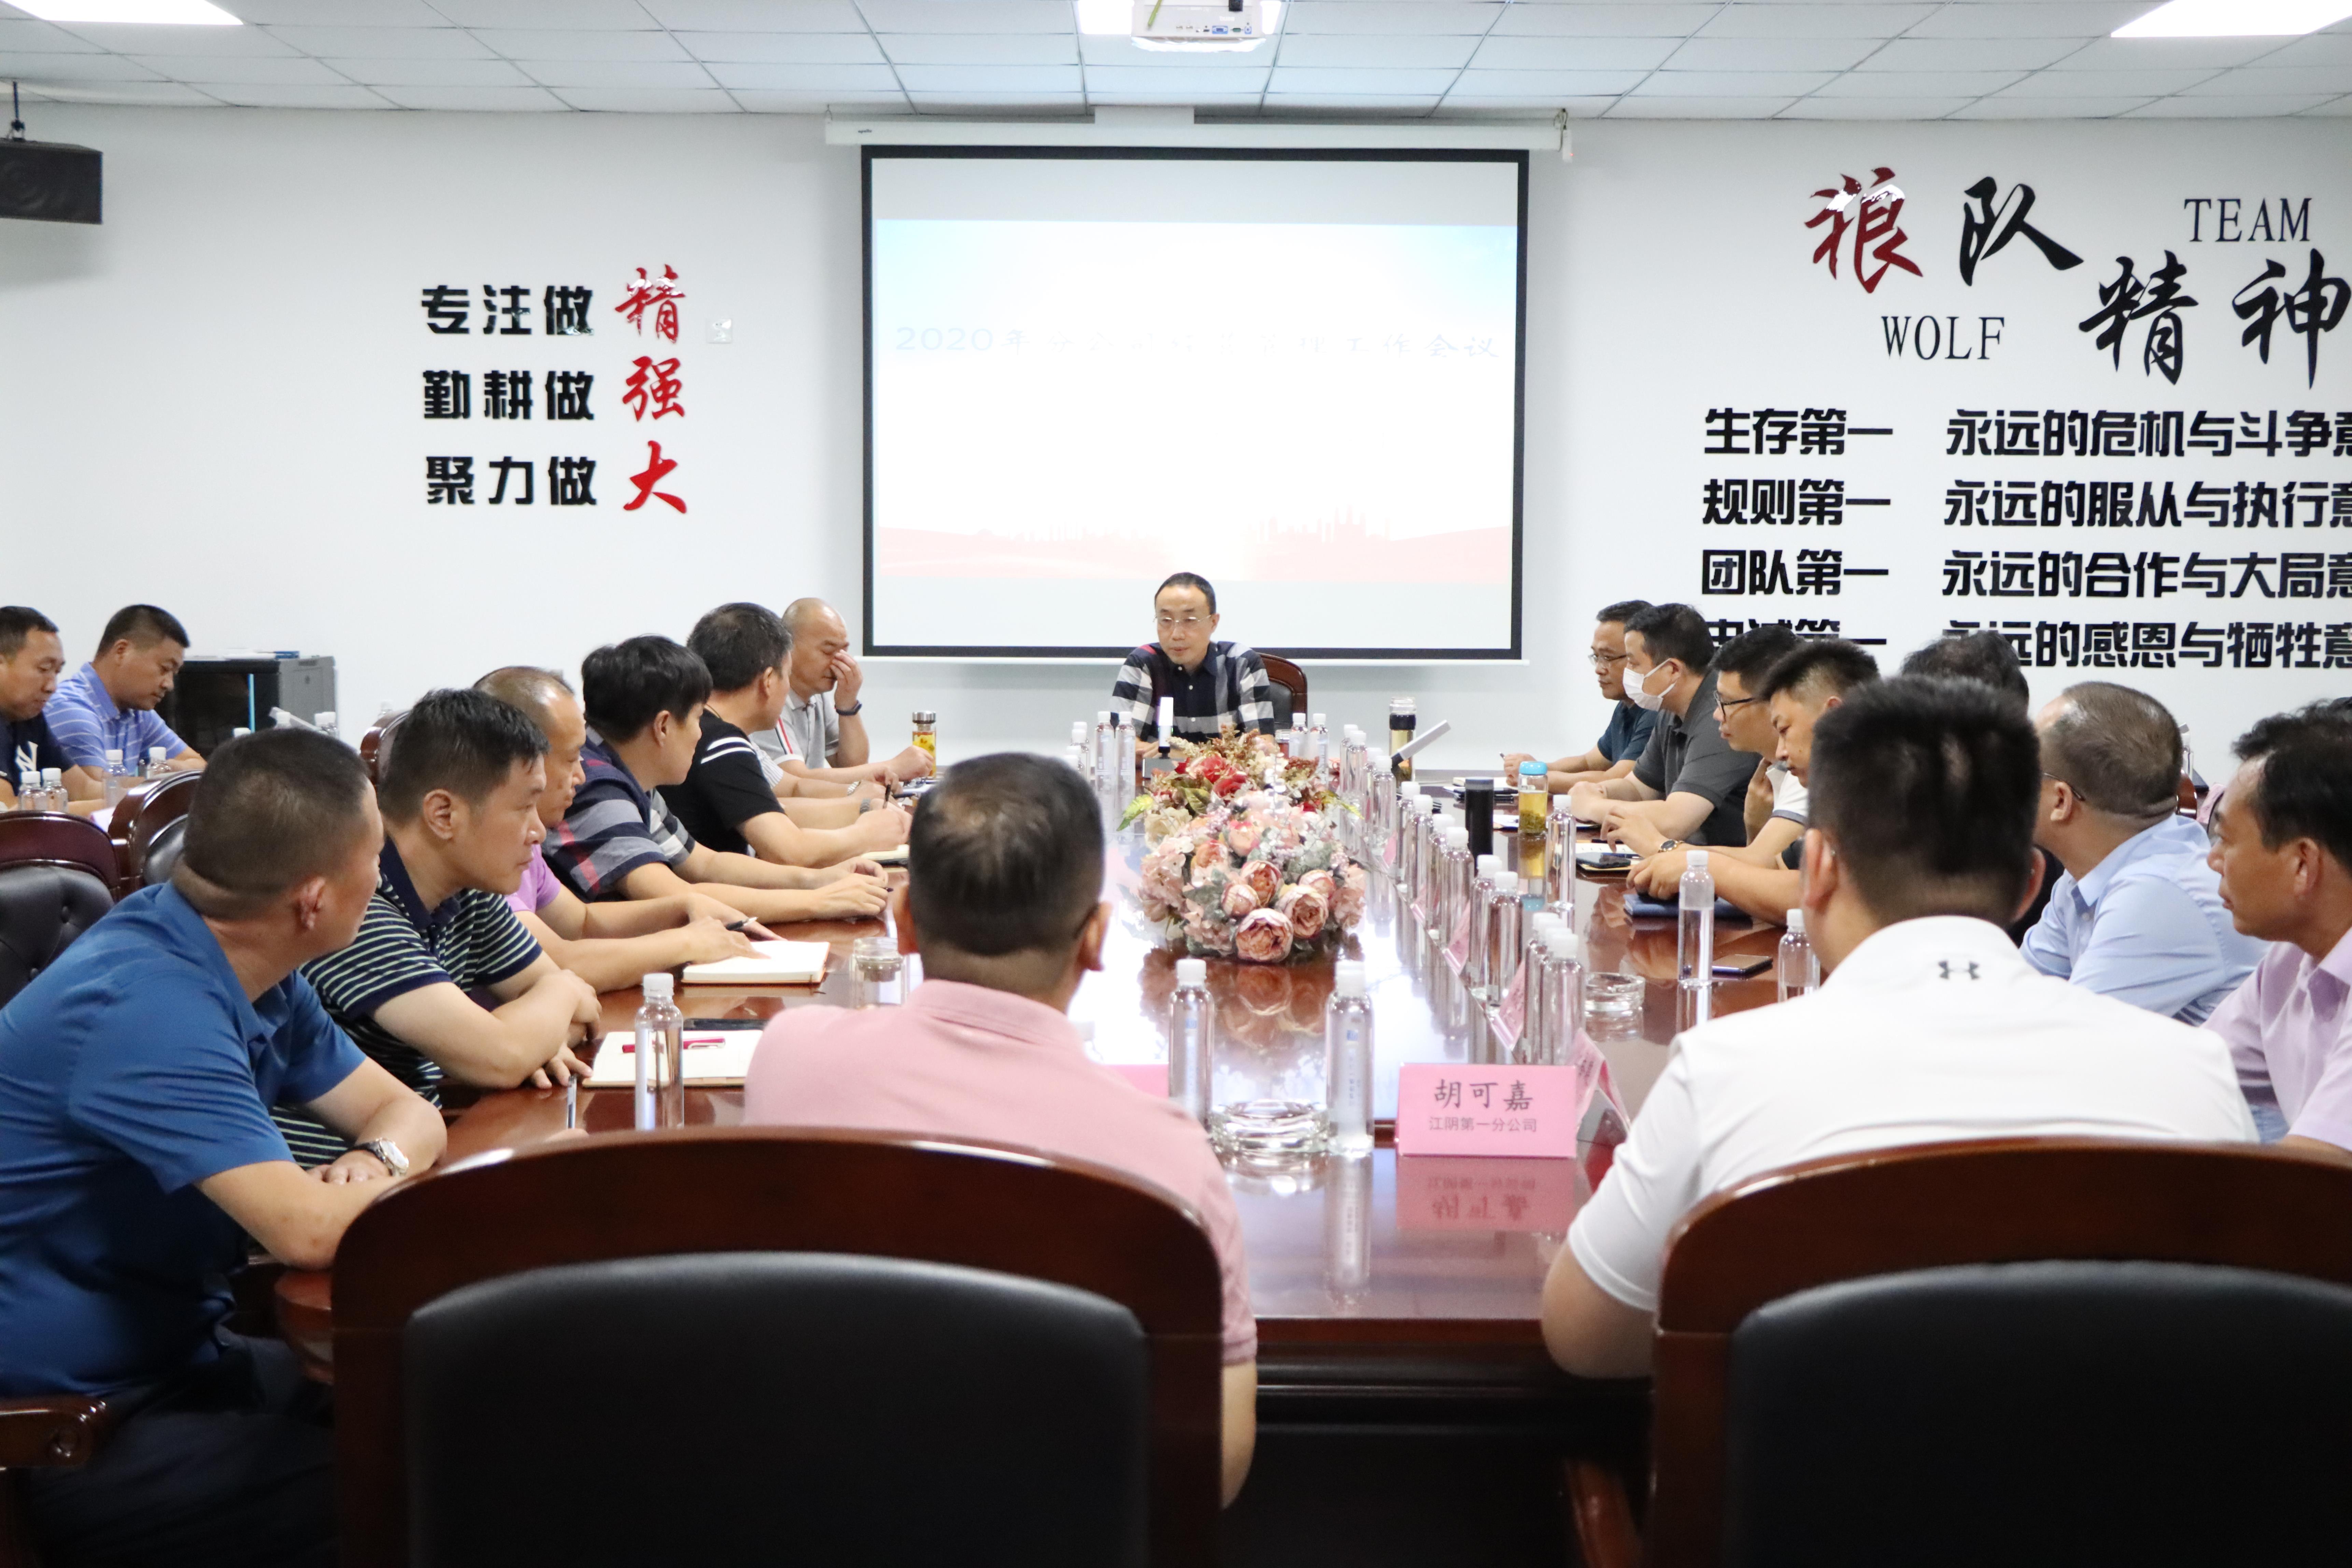 江苏统一乐动体育app下载ldsport集团召开 2020年度分公司经营管理工作会议